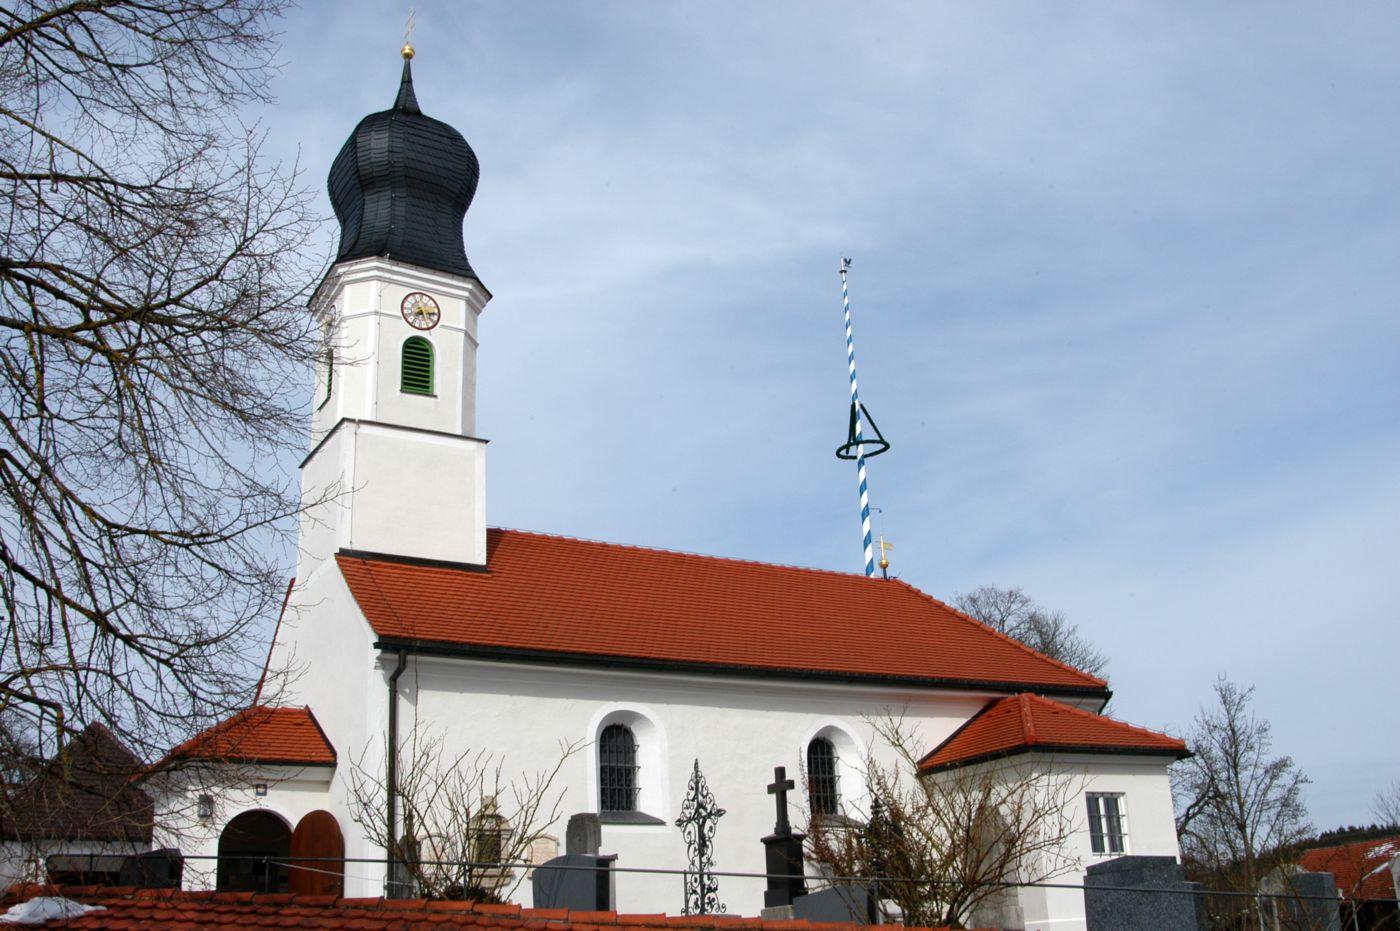 Kirche Schäftlarn OT Neufahrn